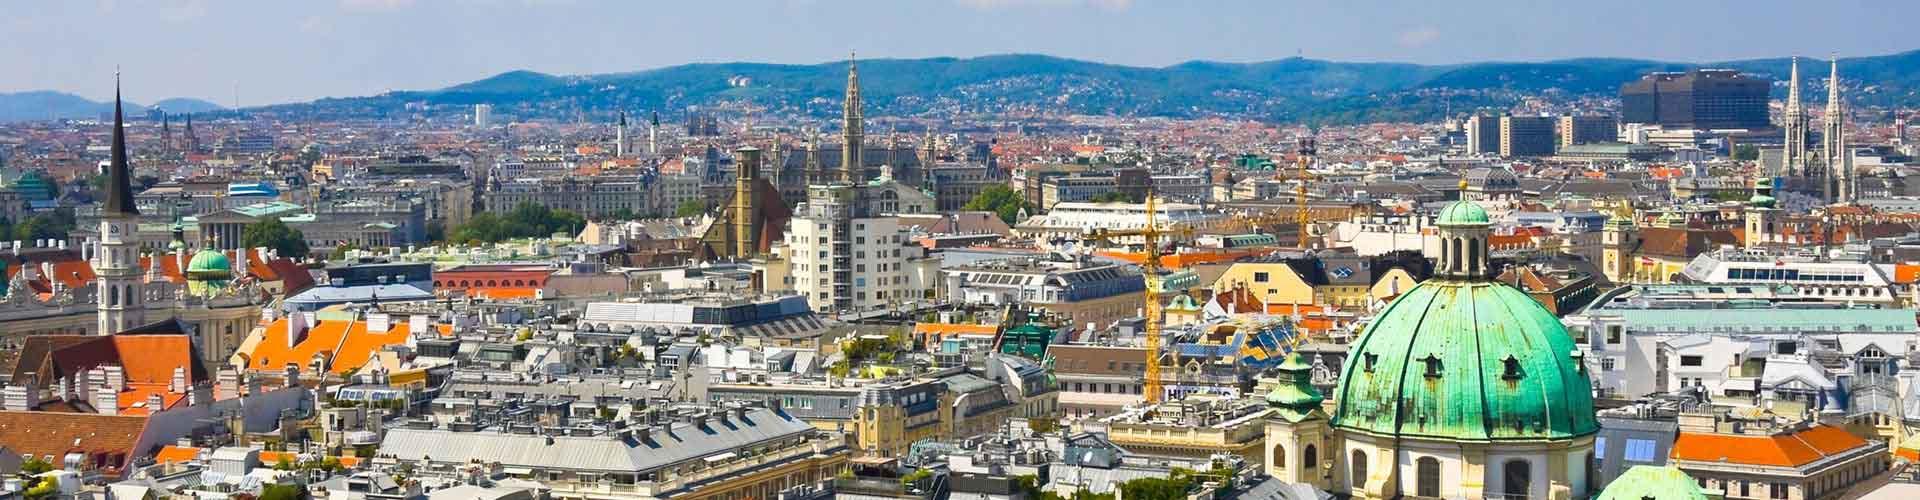 Wiedeń - Hostele w mieście: Wiedeń, Mapy: Wiedeń, Zdjęcia i Recenzje dla każdego hostelu w mieście Wiedeń.